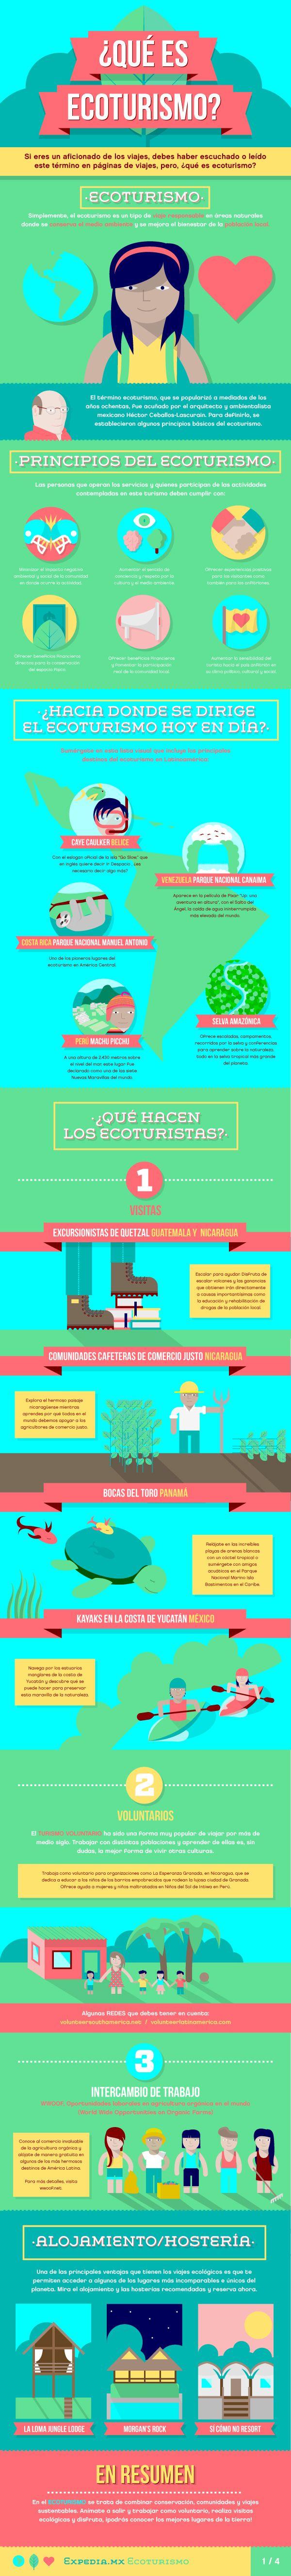 http://ticsyformacion.com/2014/04/01/que-es-ecoturismo-infografia-infographic-tourism/